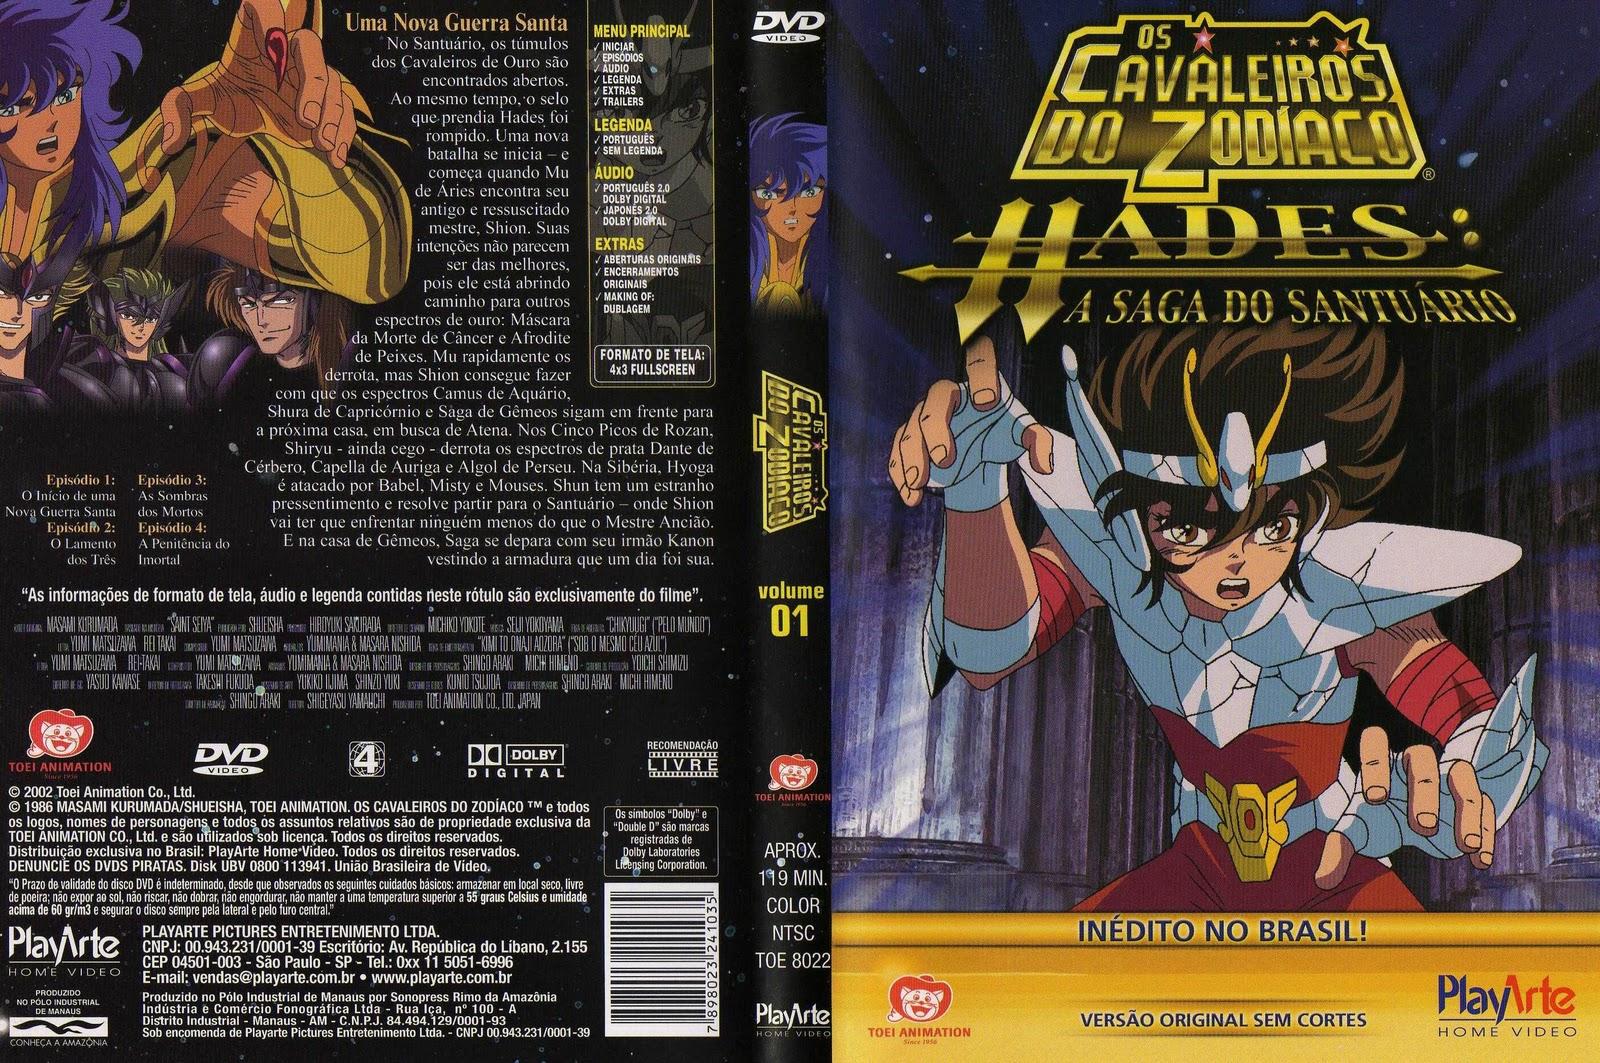 Capa Dvd Cavaleiros do Zodiaco Hades Capa Dvd os Cavaleiros do